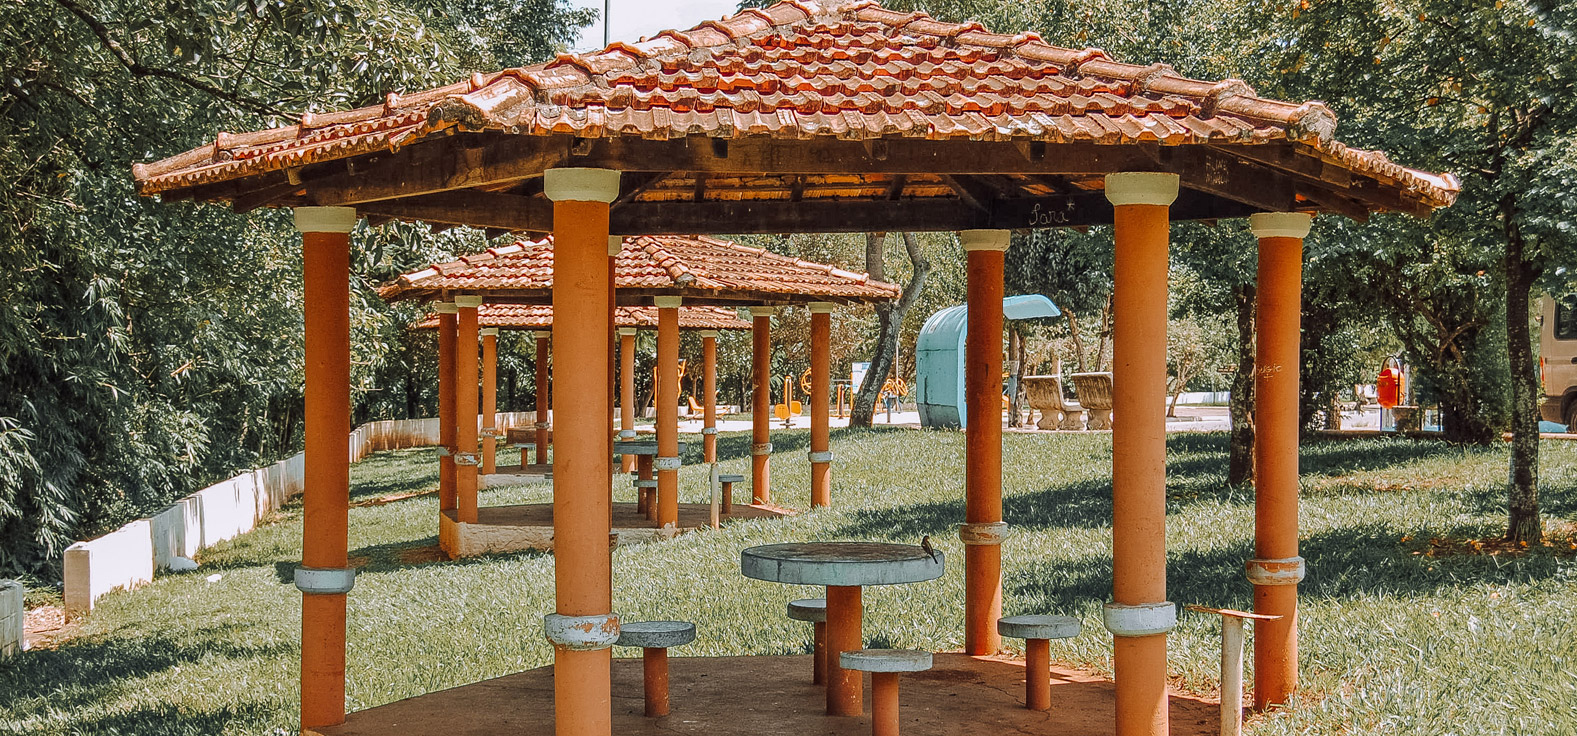 Beira Rio Corumbataí | Portal Serra do Itaquerí